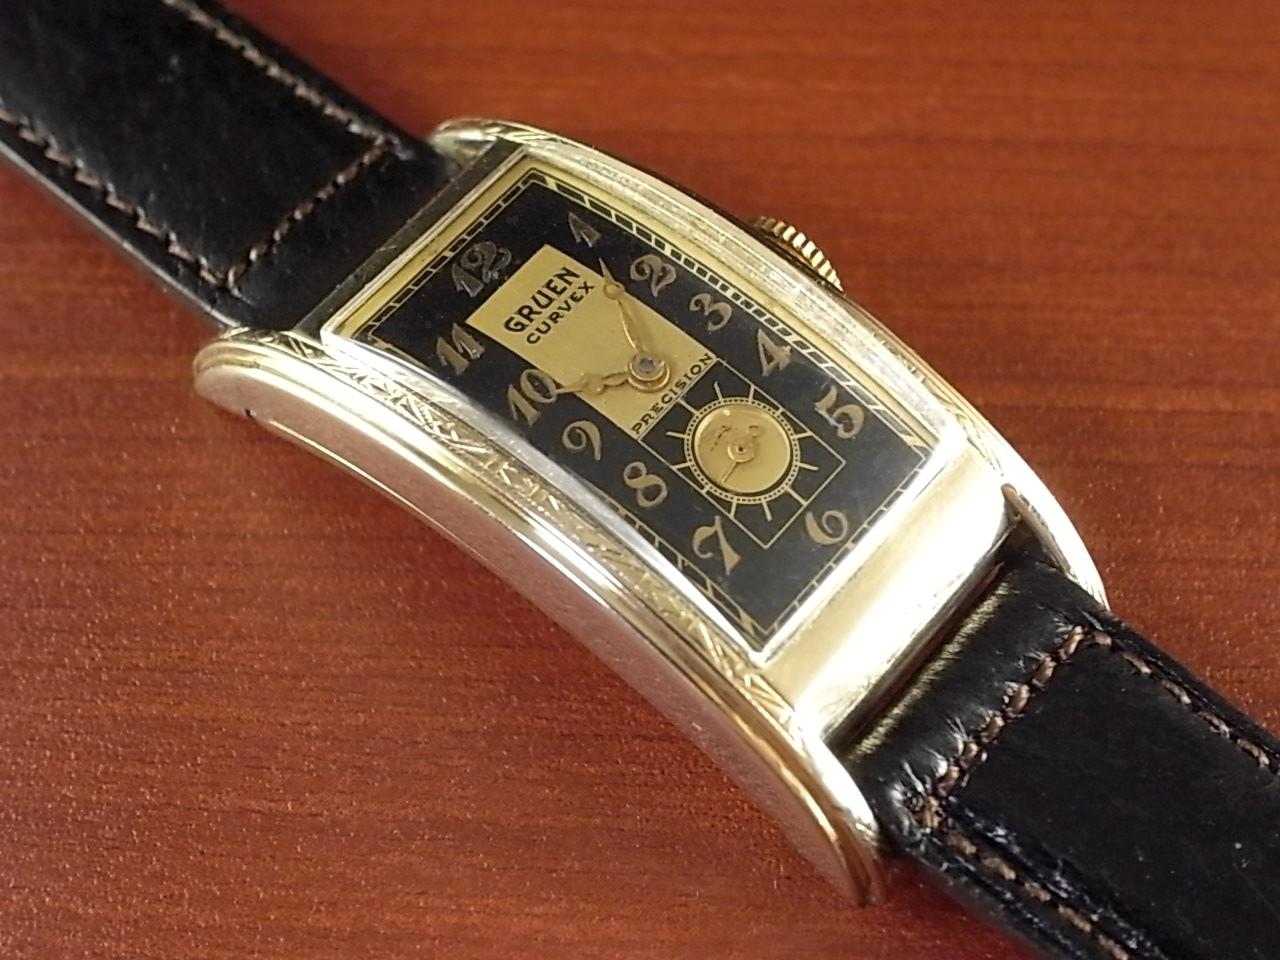 グリュエン カーベックス Cal.330 2トーンダイアル ブラック/ゴールド 1930年代のメイン写真